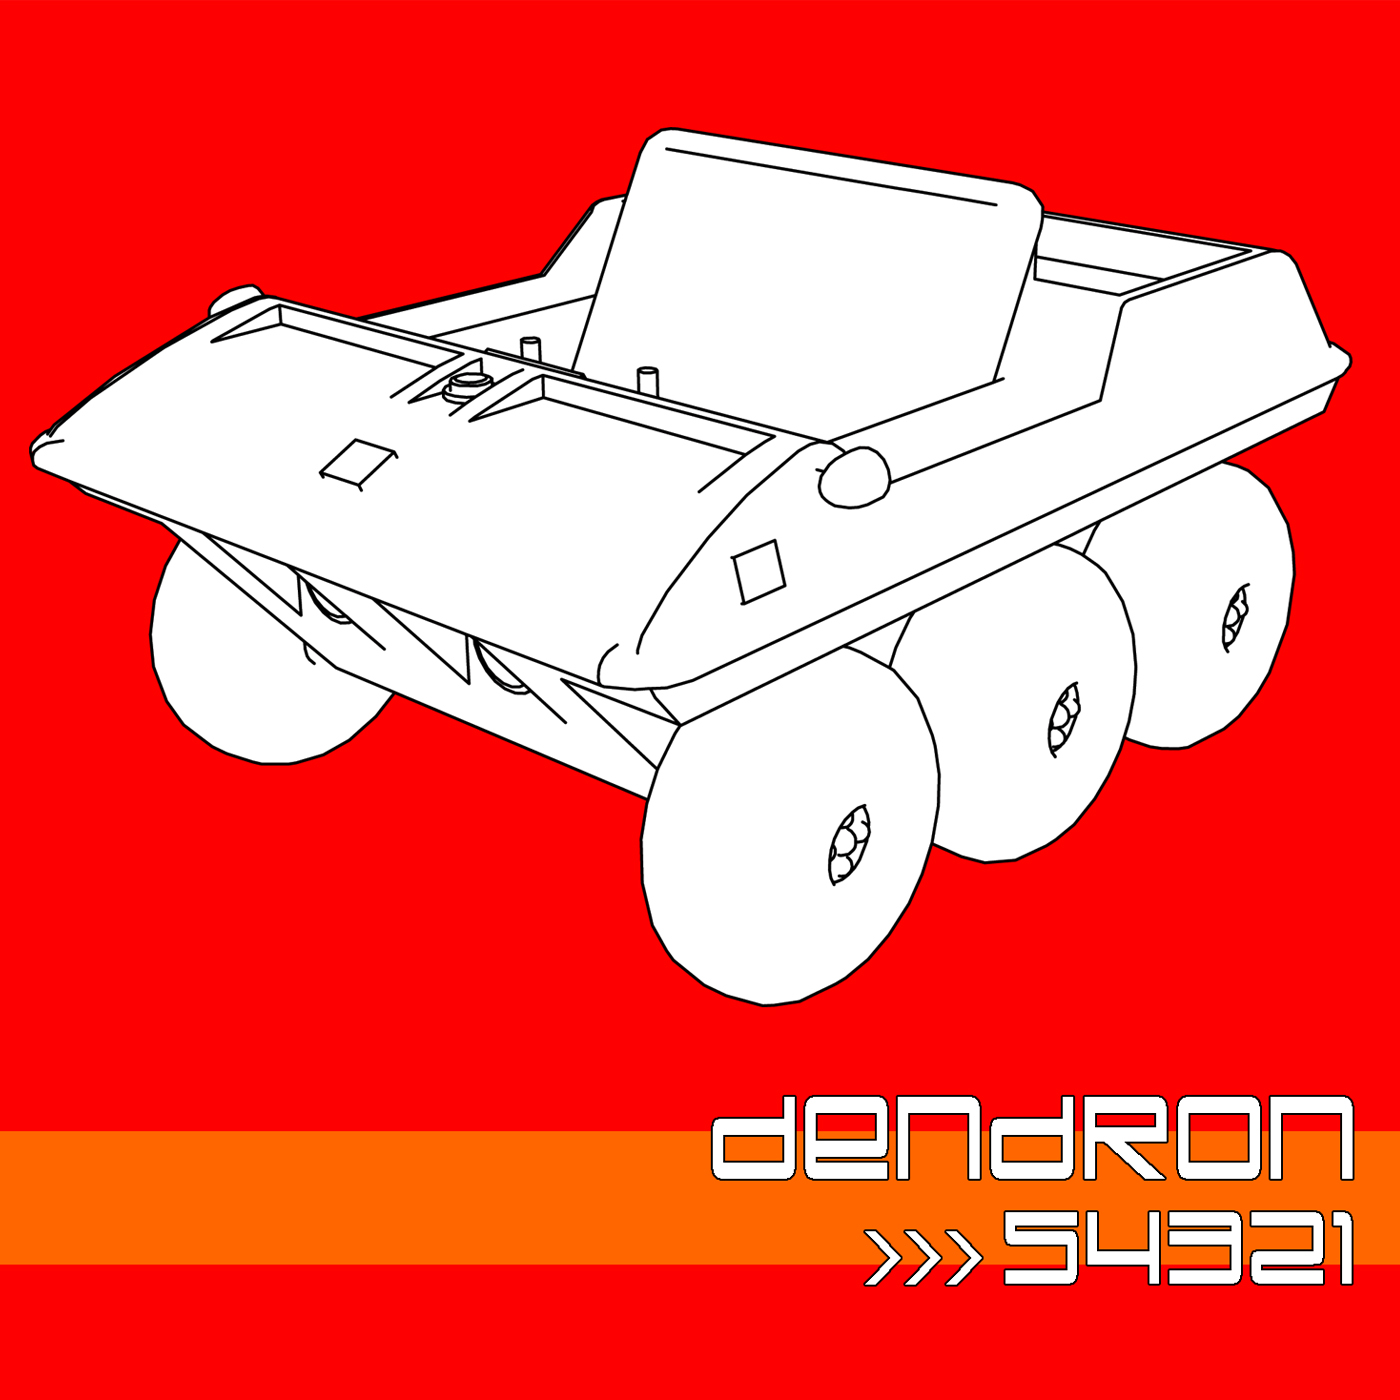 54321 por d3NdRON